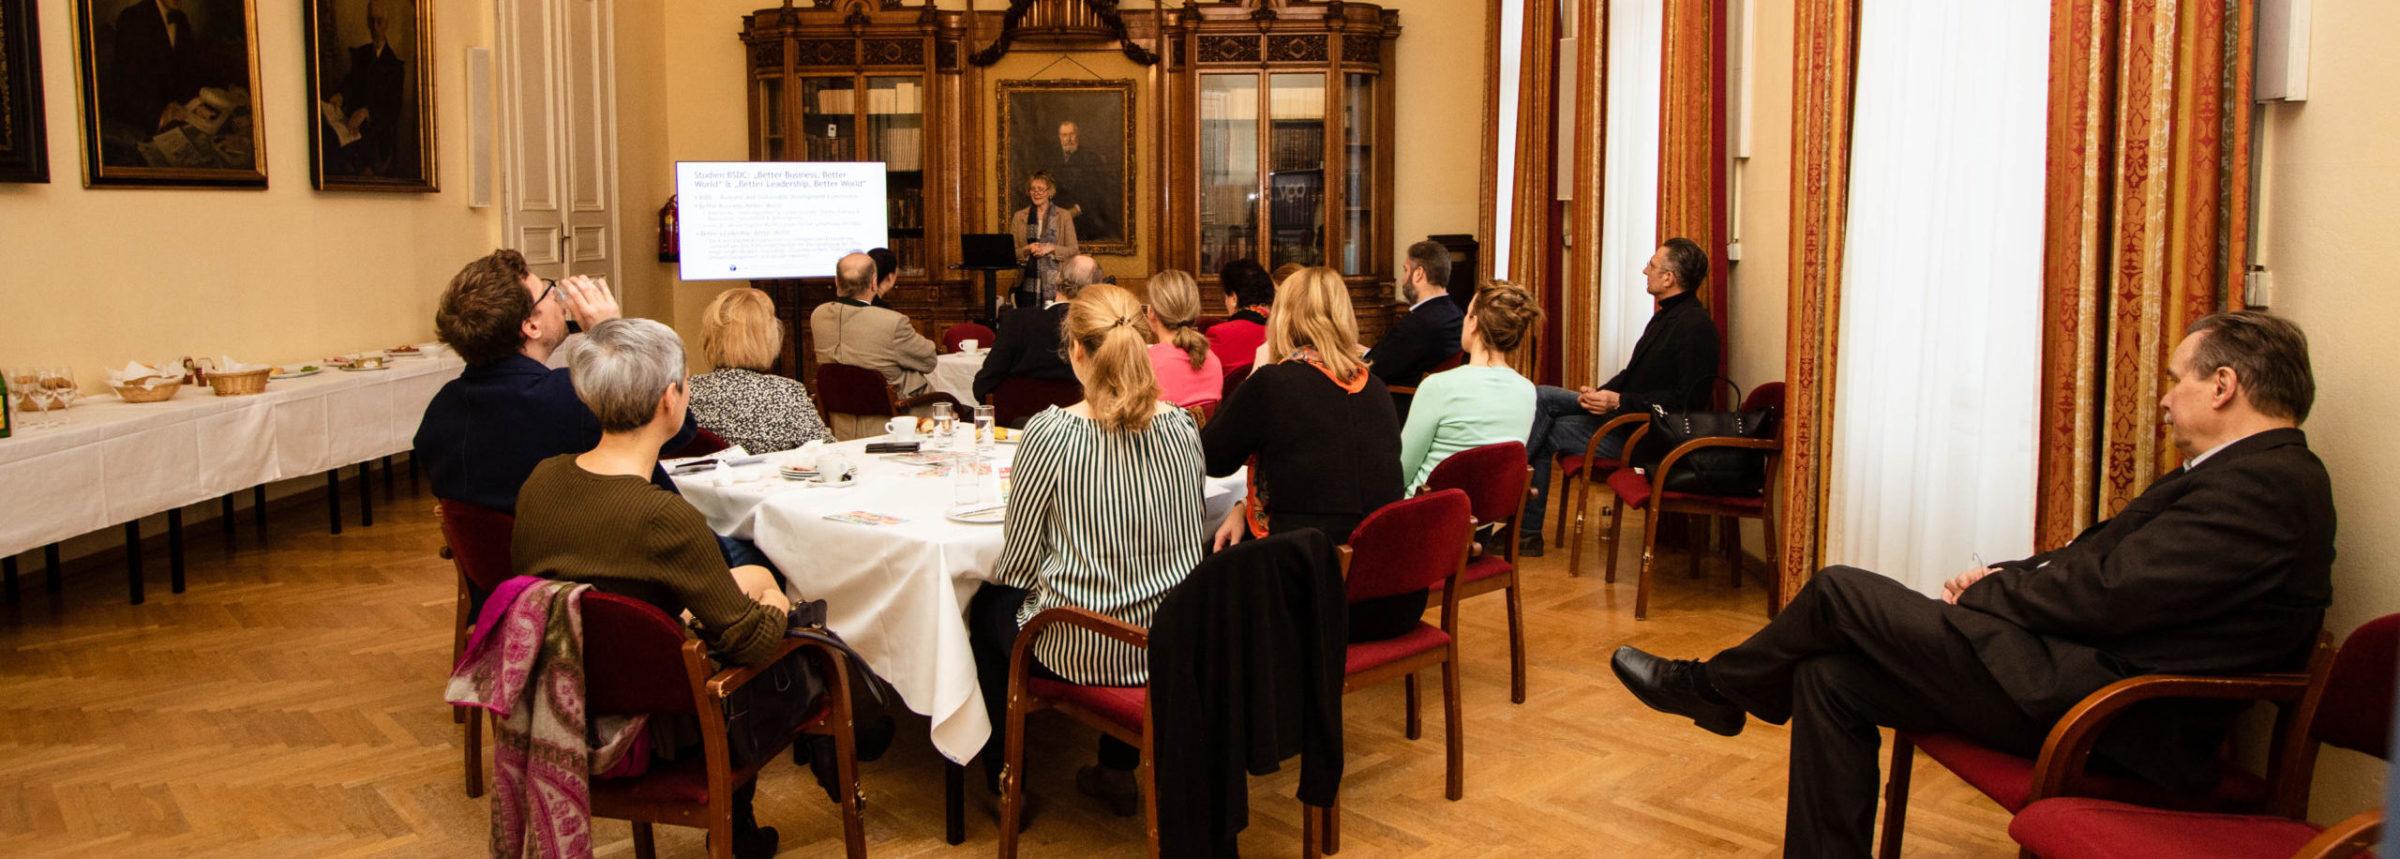 ÖGV Rückblicke: Das Zusammenspiel von Ökologie und Ökonomie bietet neue unternehmerische Chancen